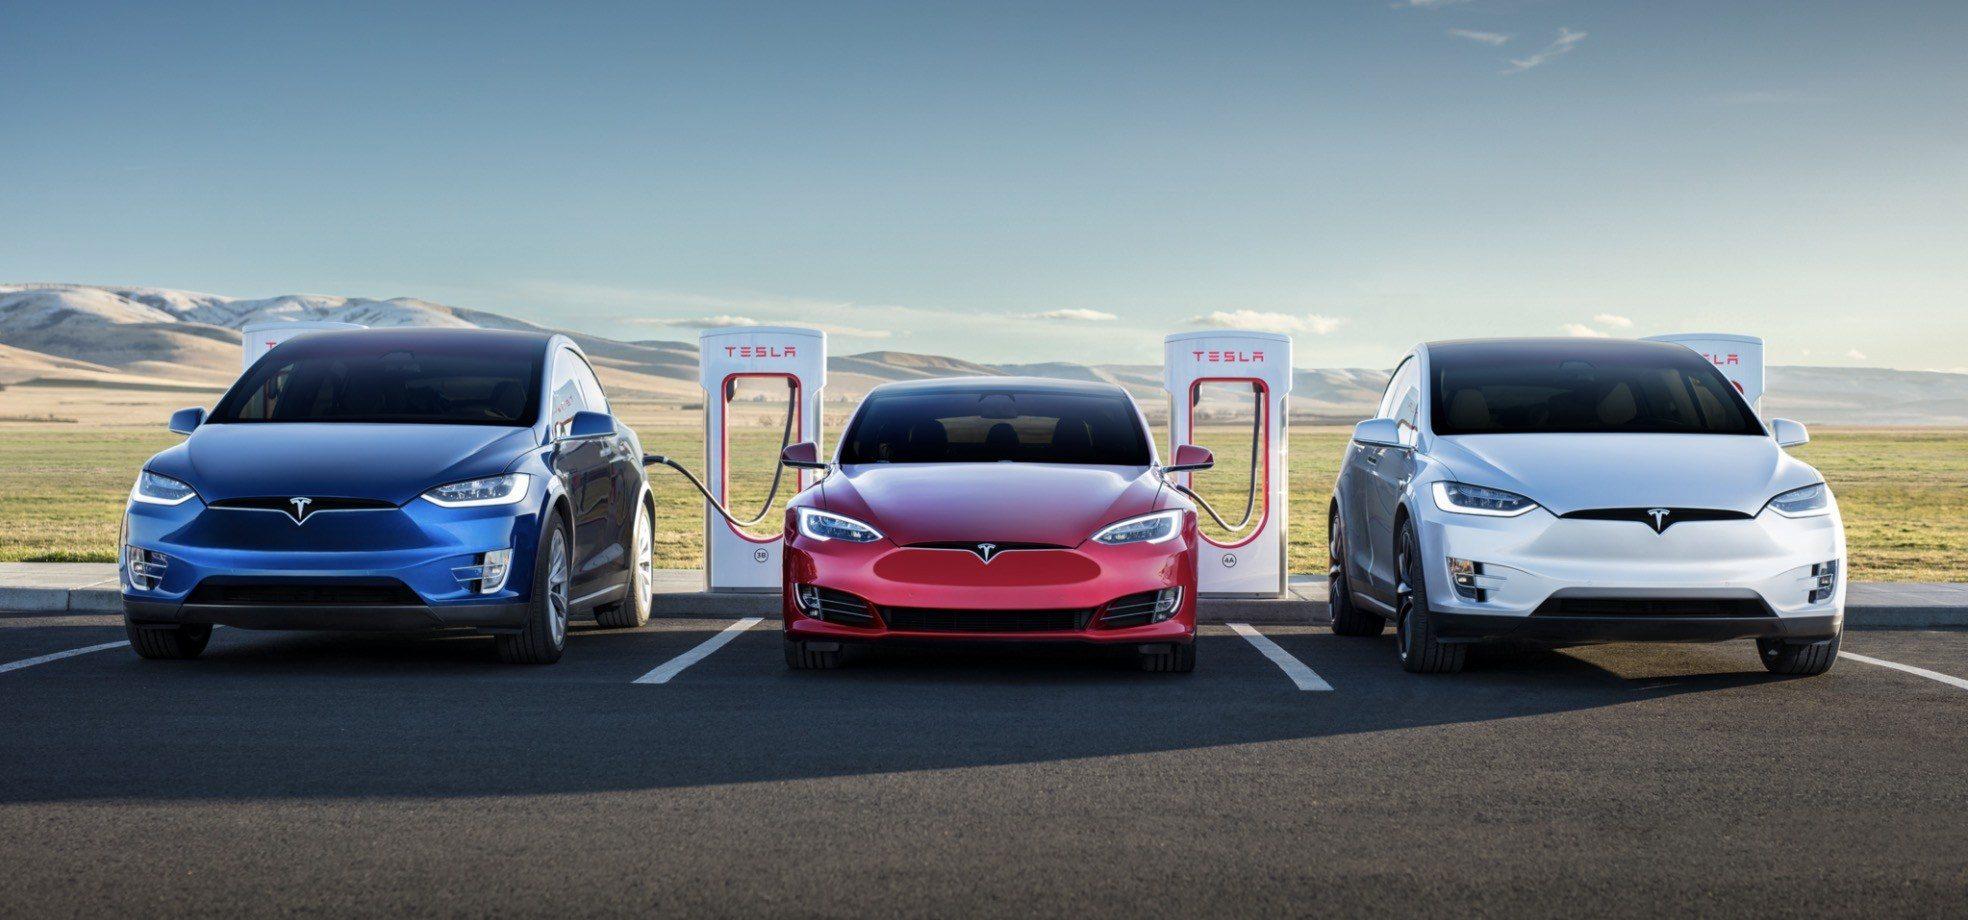 Tesla представила пиковую мощность зарядки 250 кВт для китайских владельцев Model S и X